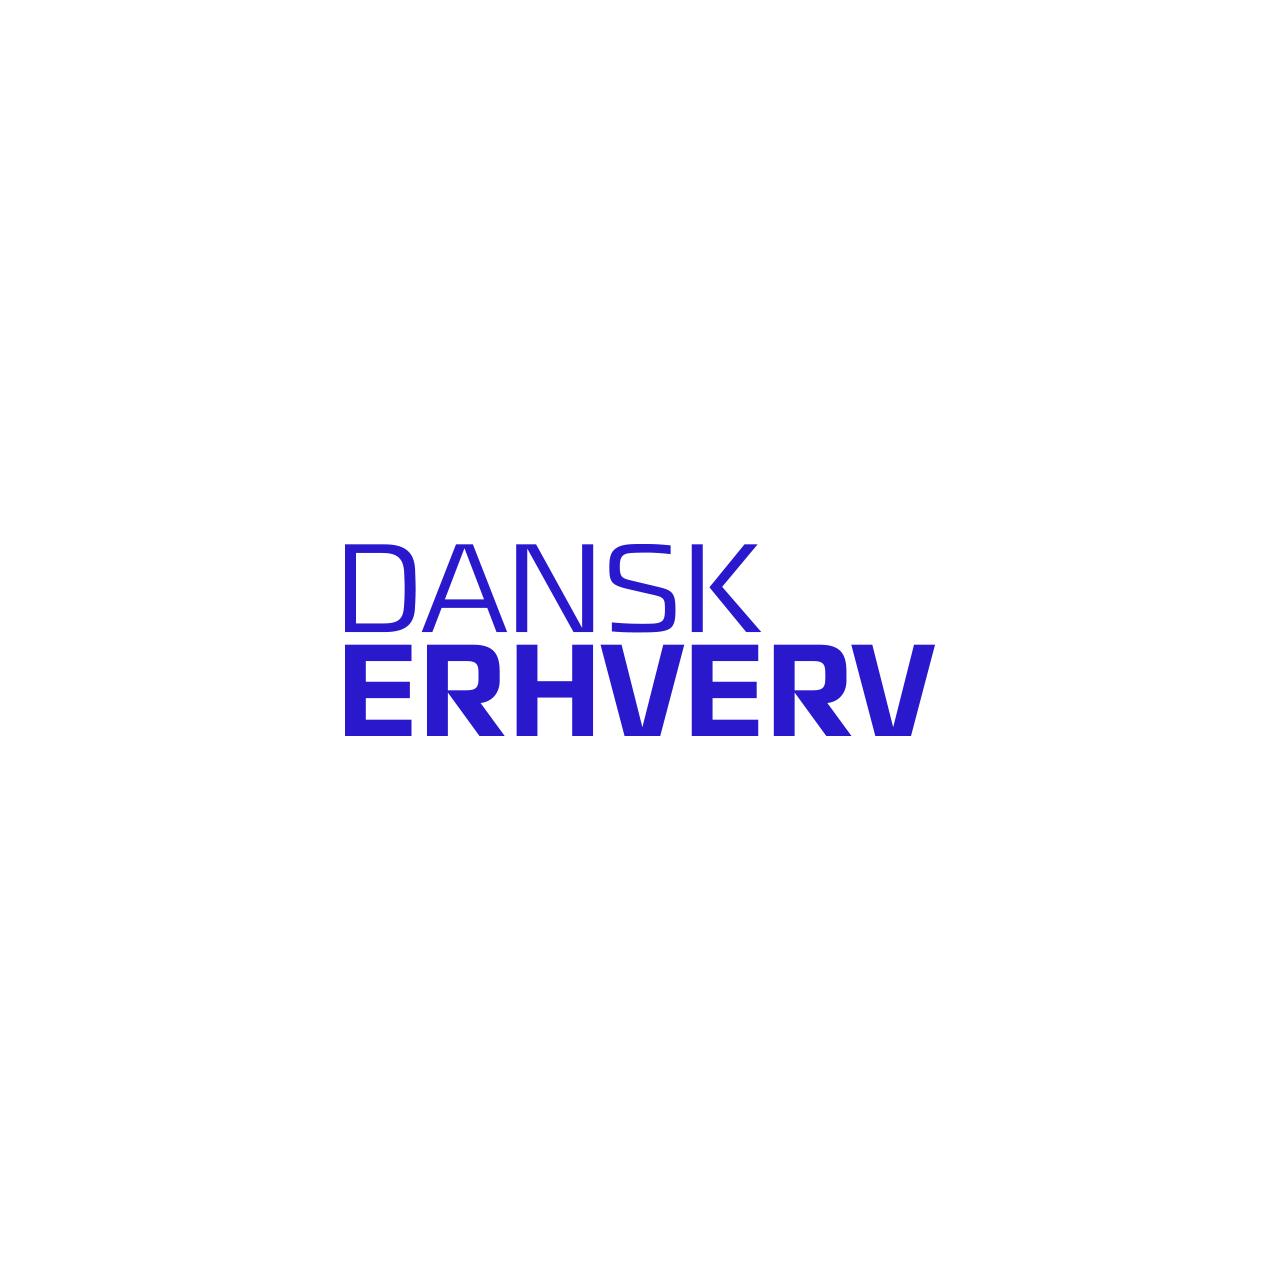 DANSKERHVERV_20203